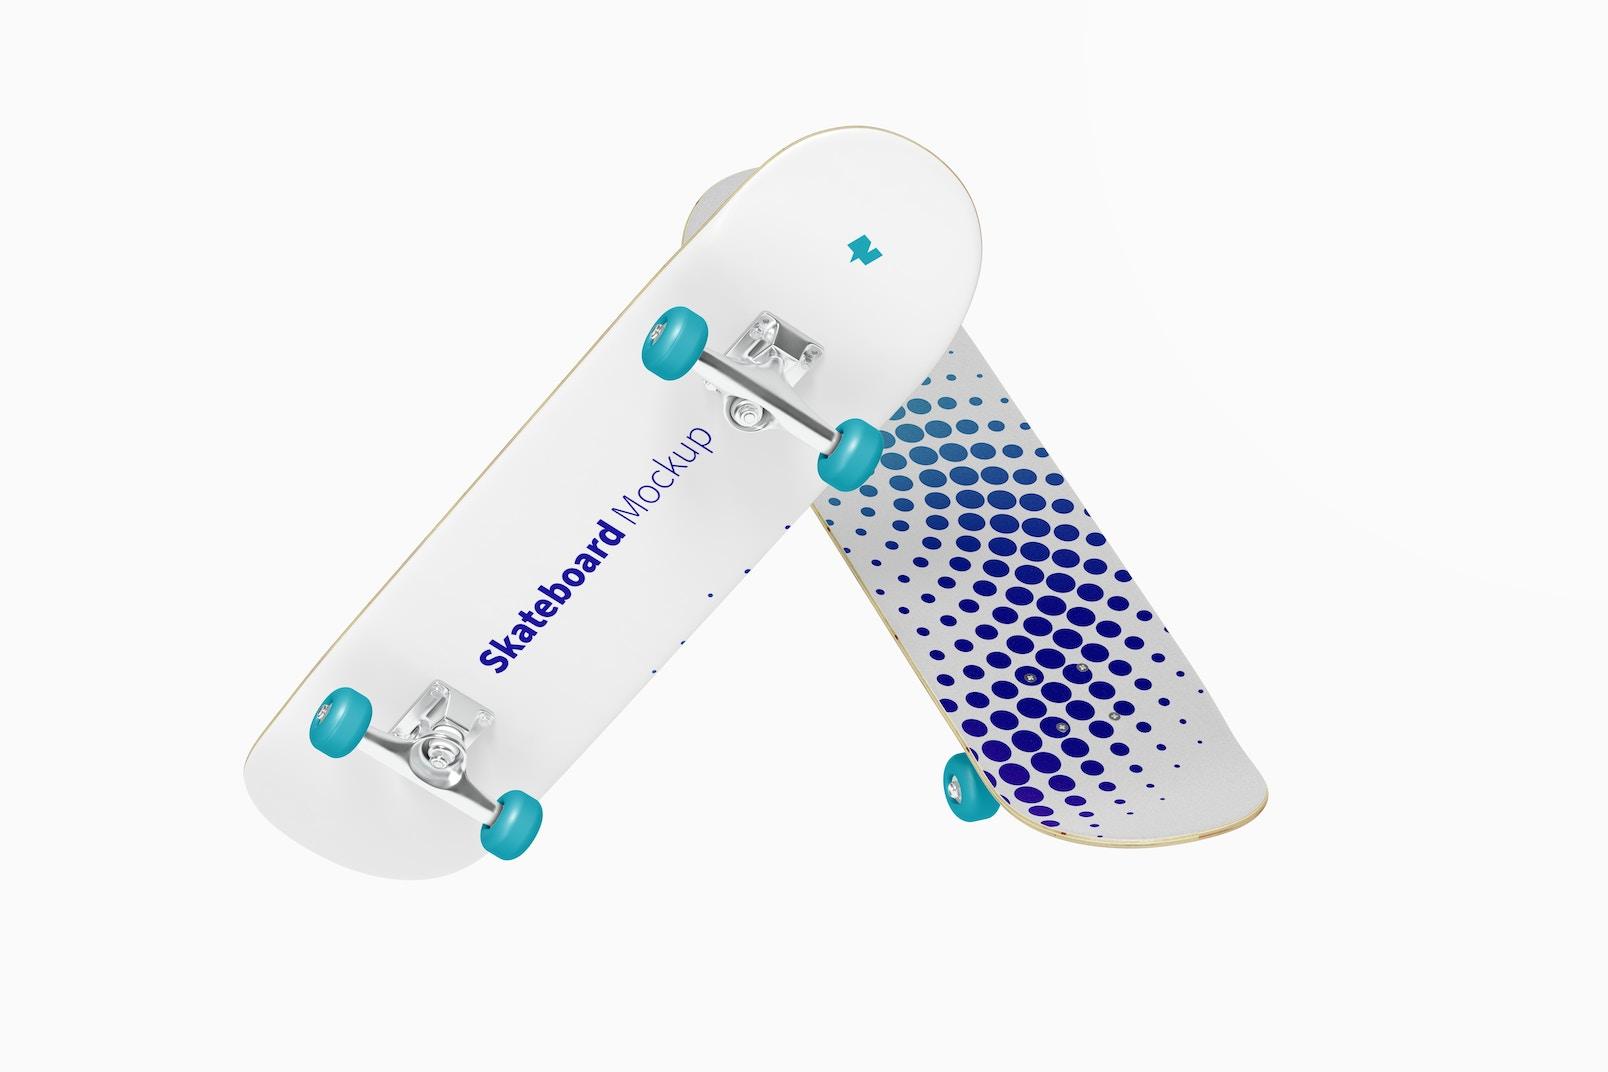 Skateboards Mockup, Floating